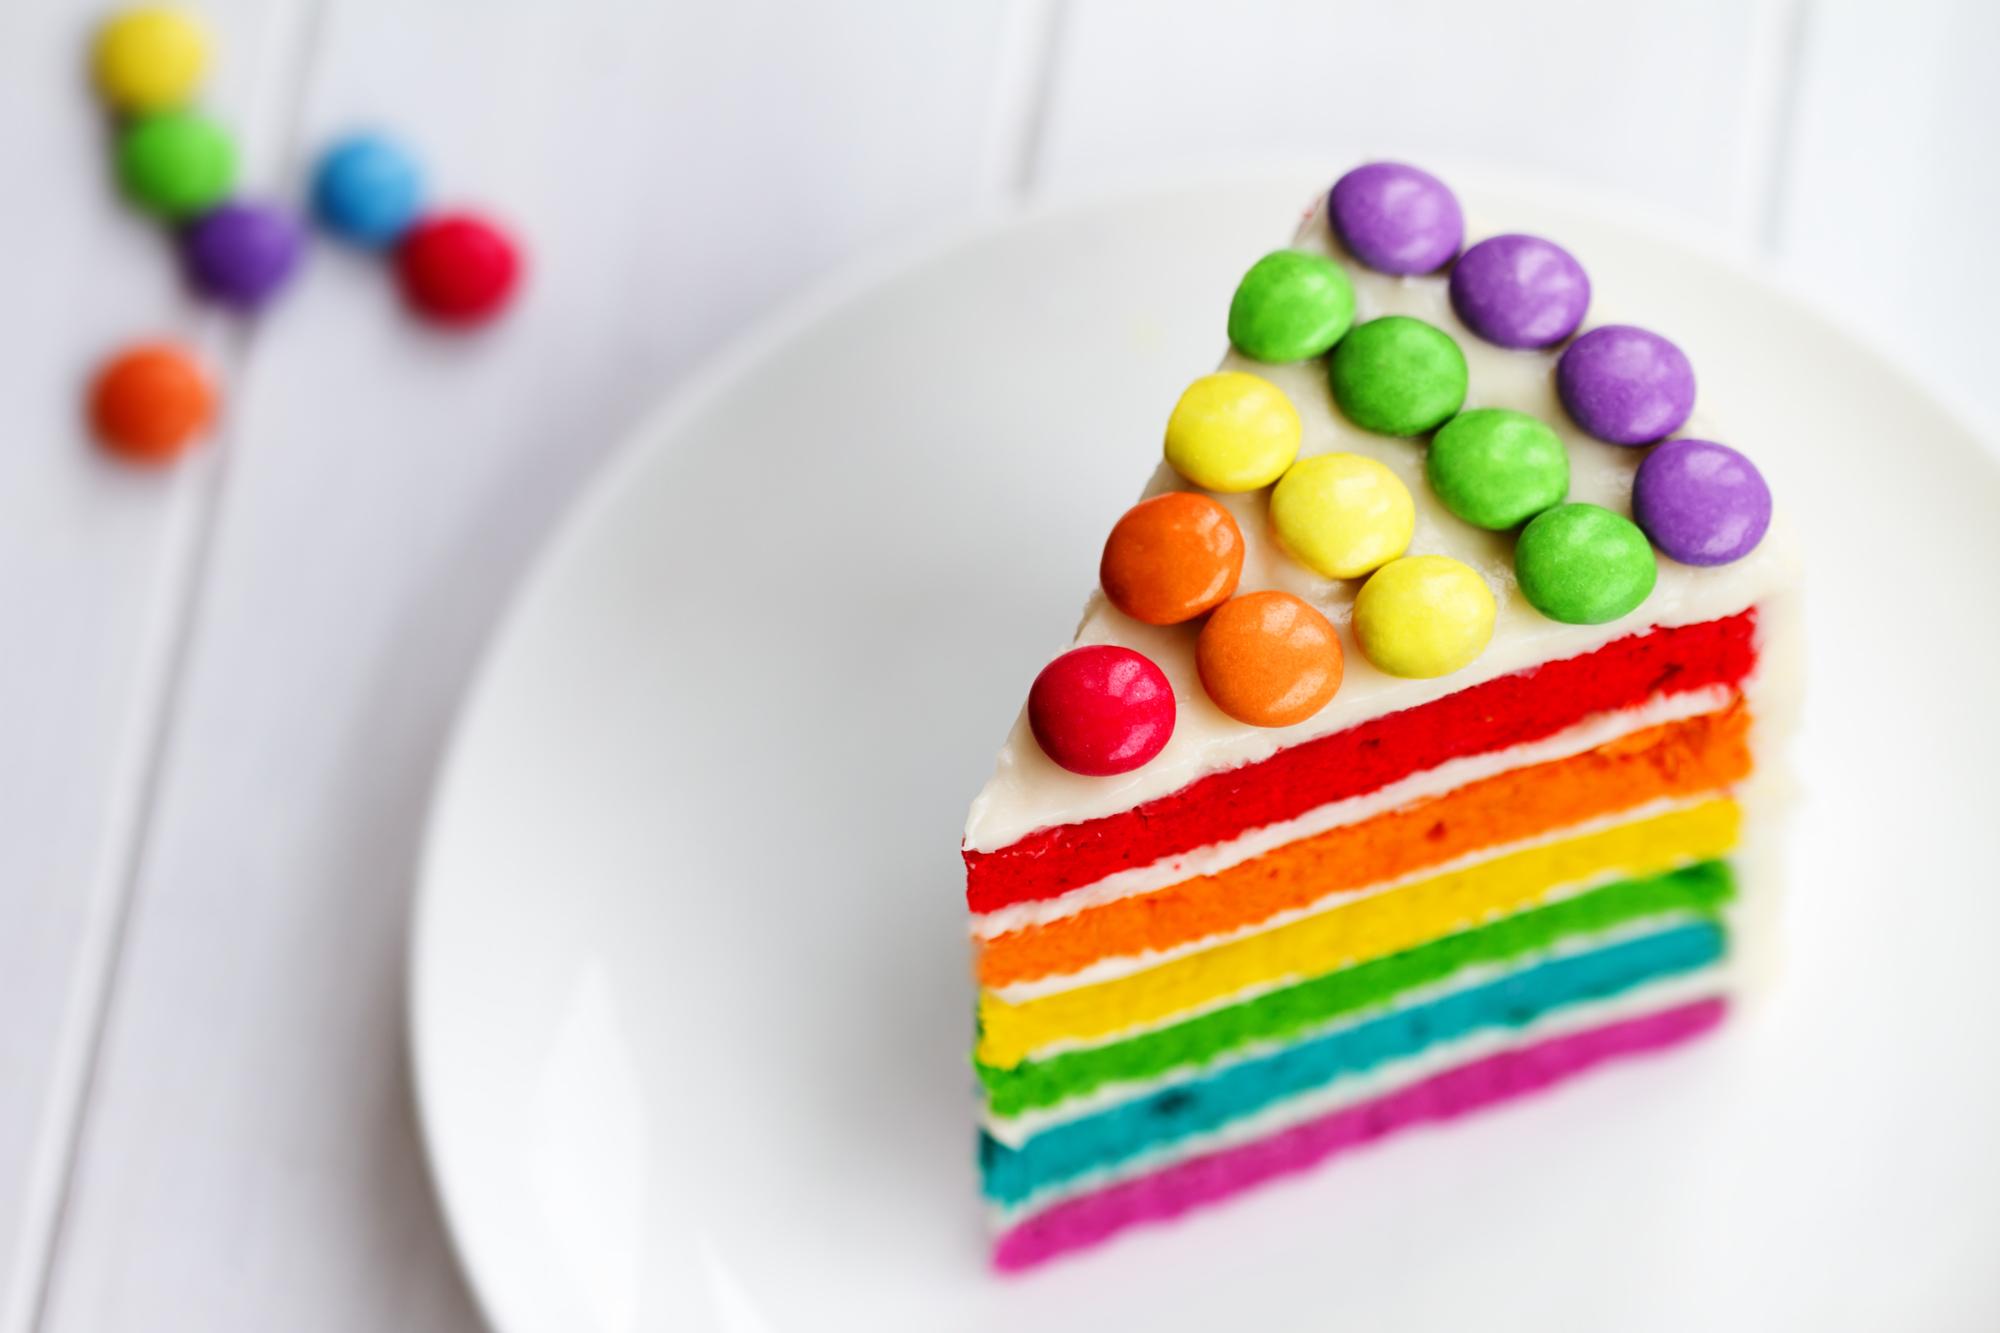 Радужный торт на день рождения: готовим яркий десерт